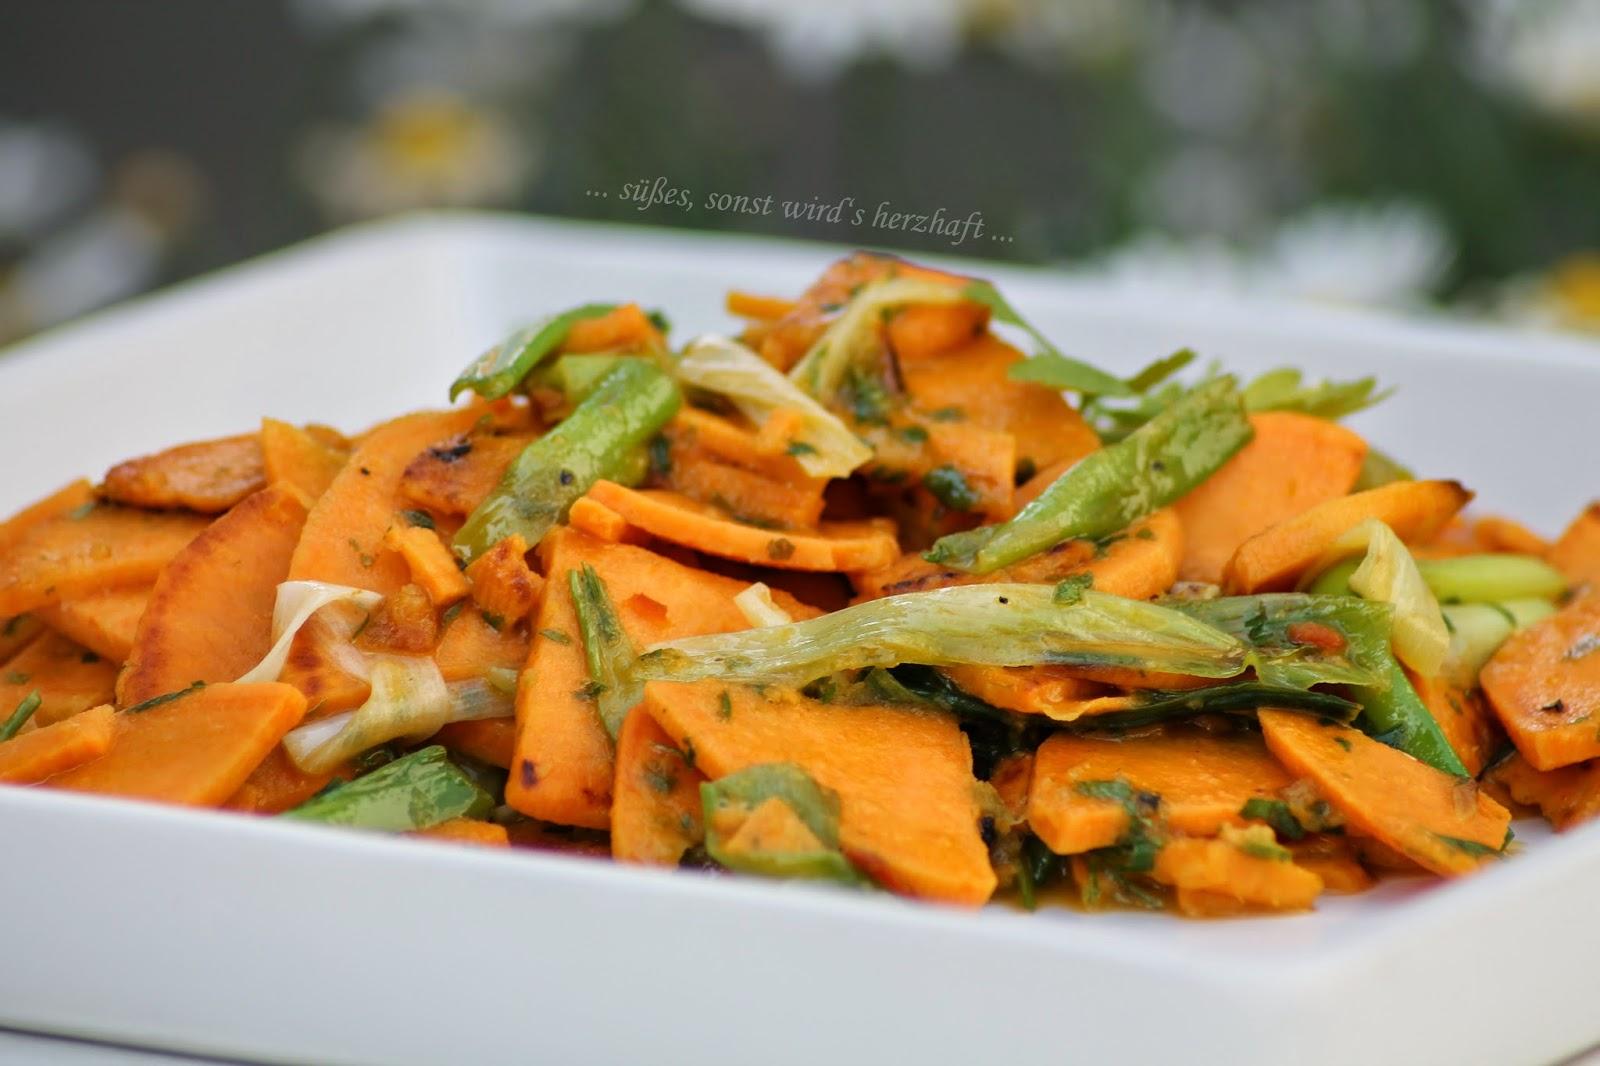 süßes sonst wird\'s herzhaft..: Der -ohne Avocado- Süßkartoffelsalat